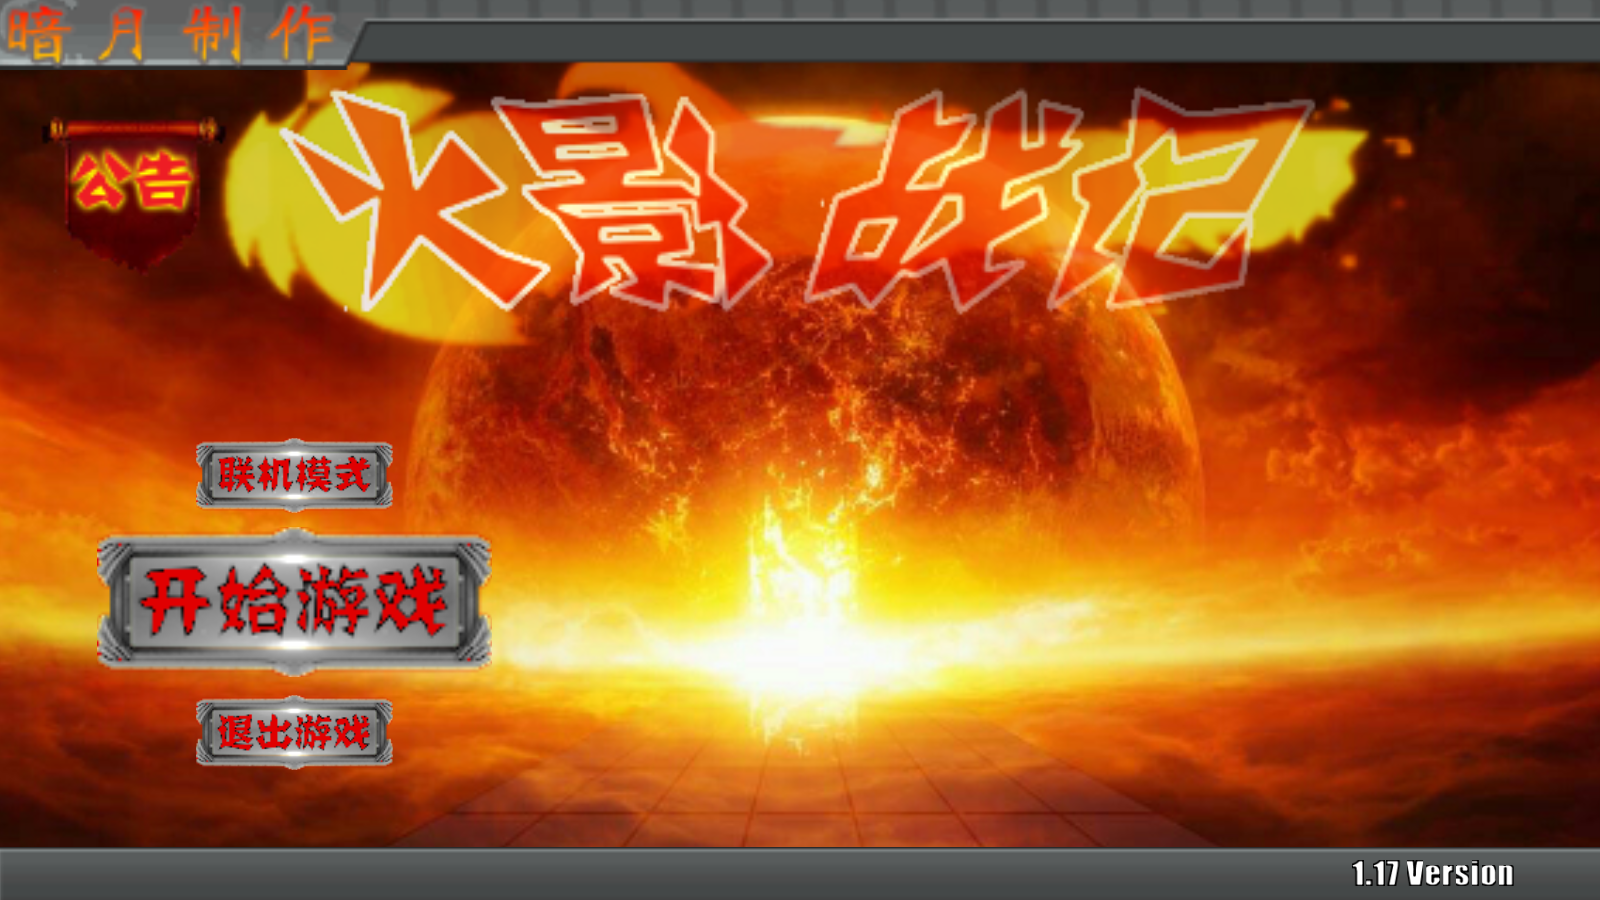 火影战记暗部革命有团藏的版本图2